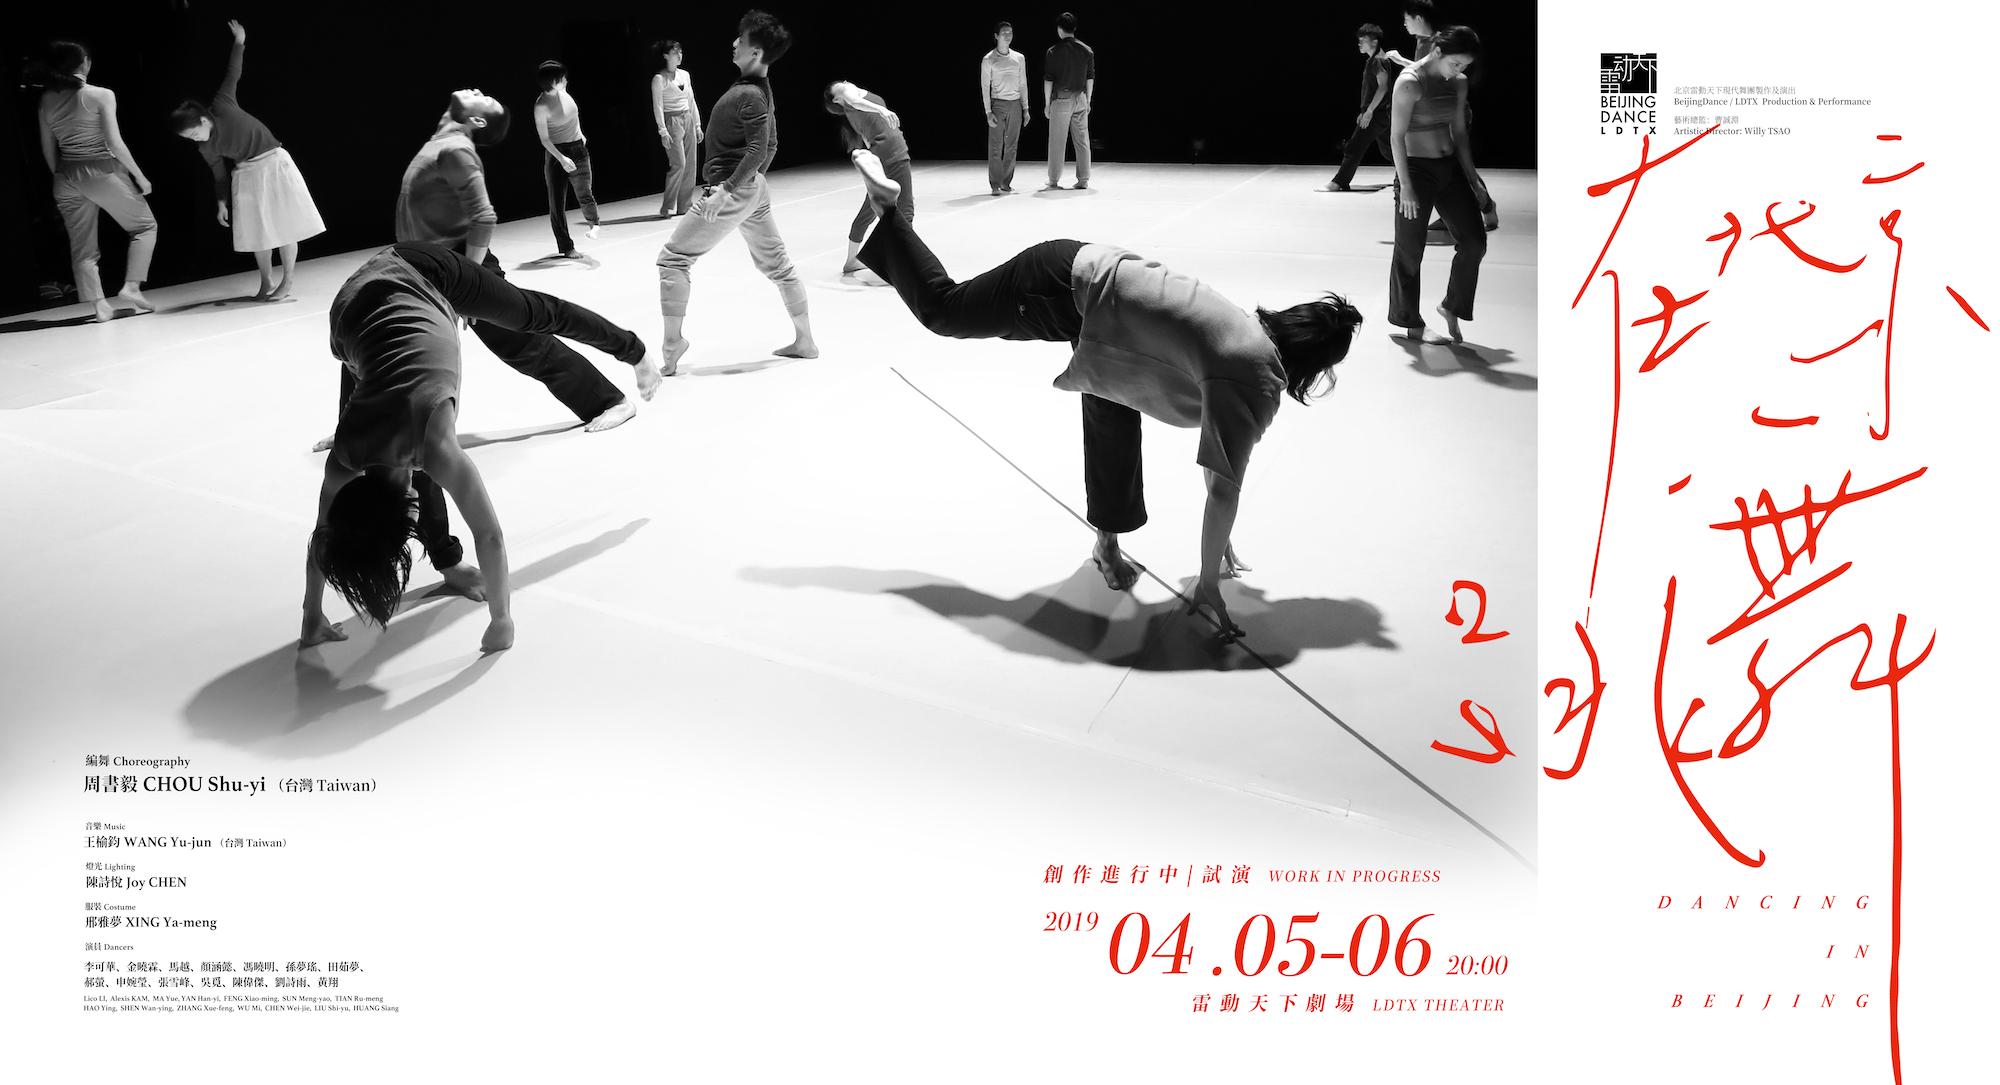 设计《在北京跳舞》轮播图_2019-03-24 2.jpg